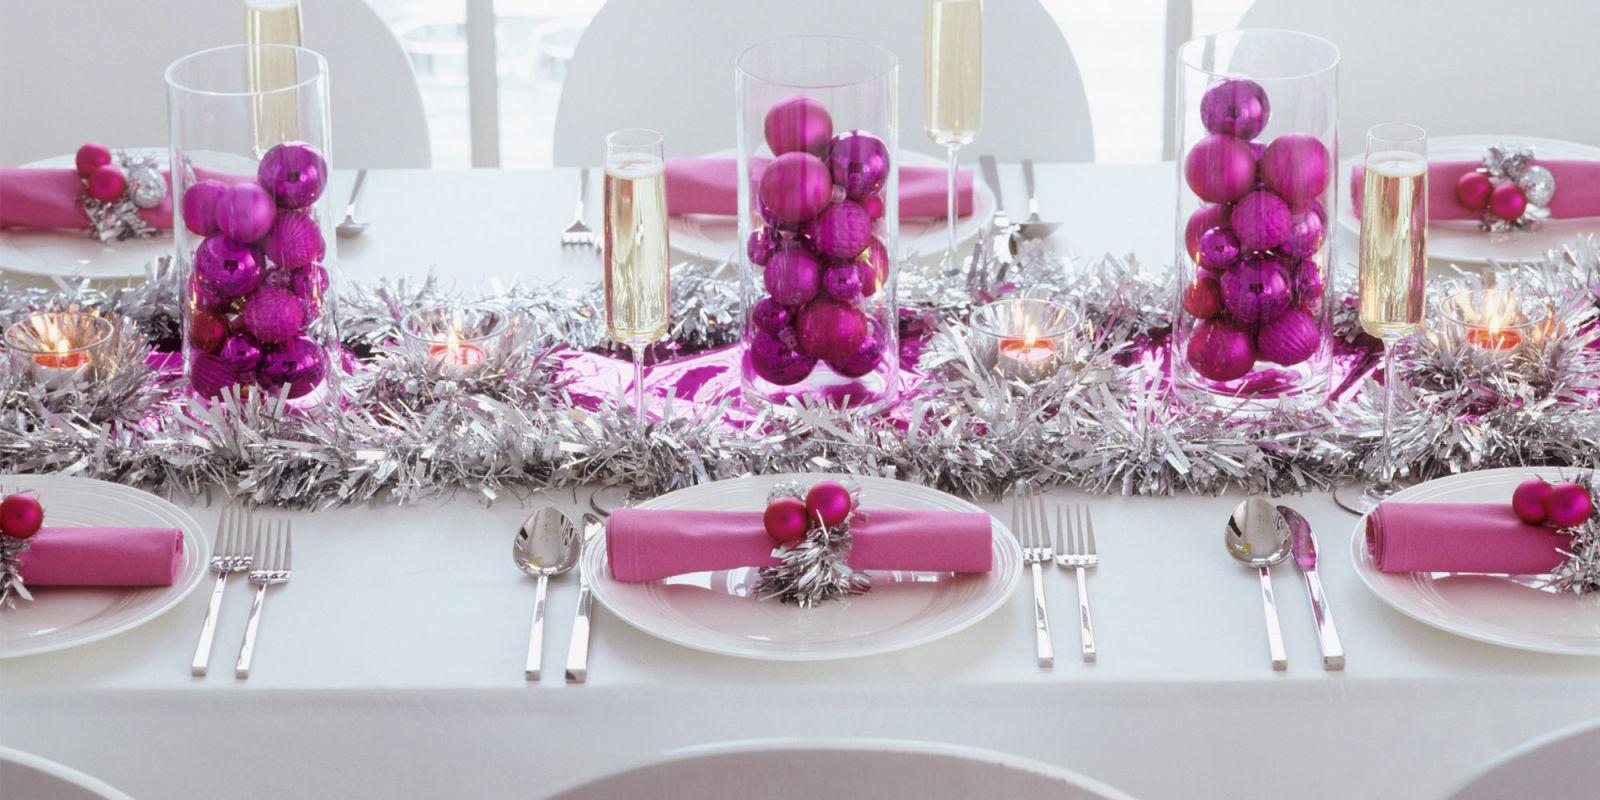 Arredare Tavola Natale come apparecchiare la tavola di natale